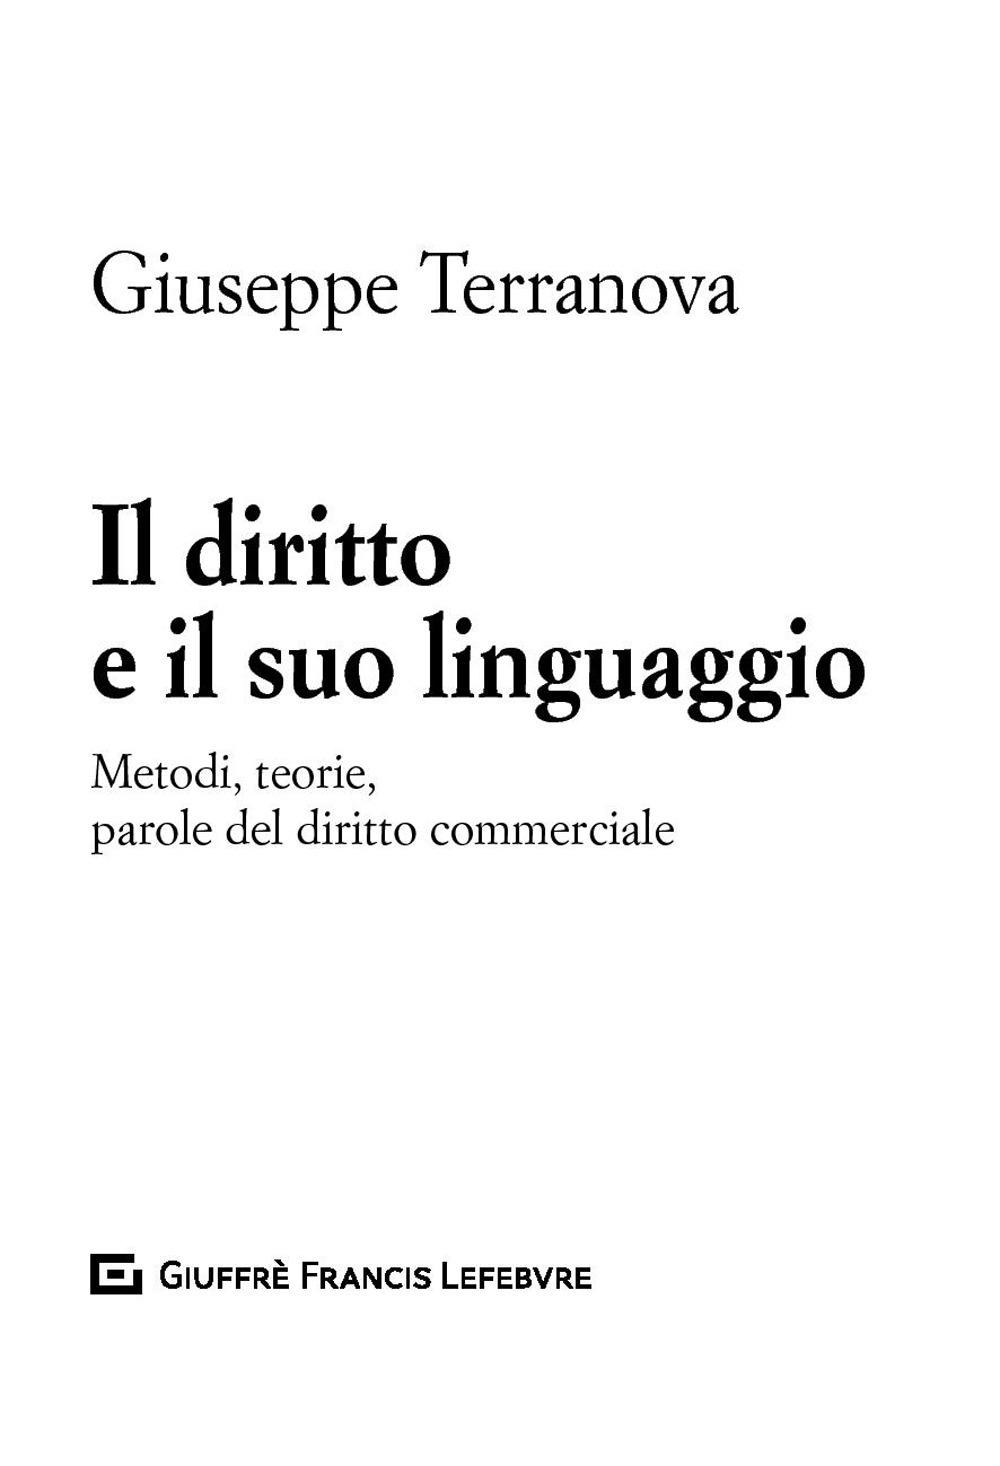 Image of Il diritto e il suo linguaggio. Metodi, teorie, parole del diritto commerciale